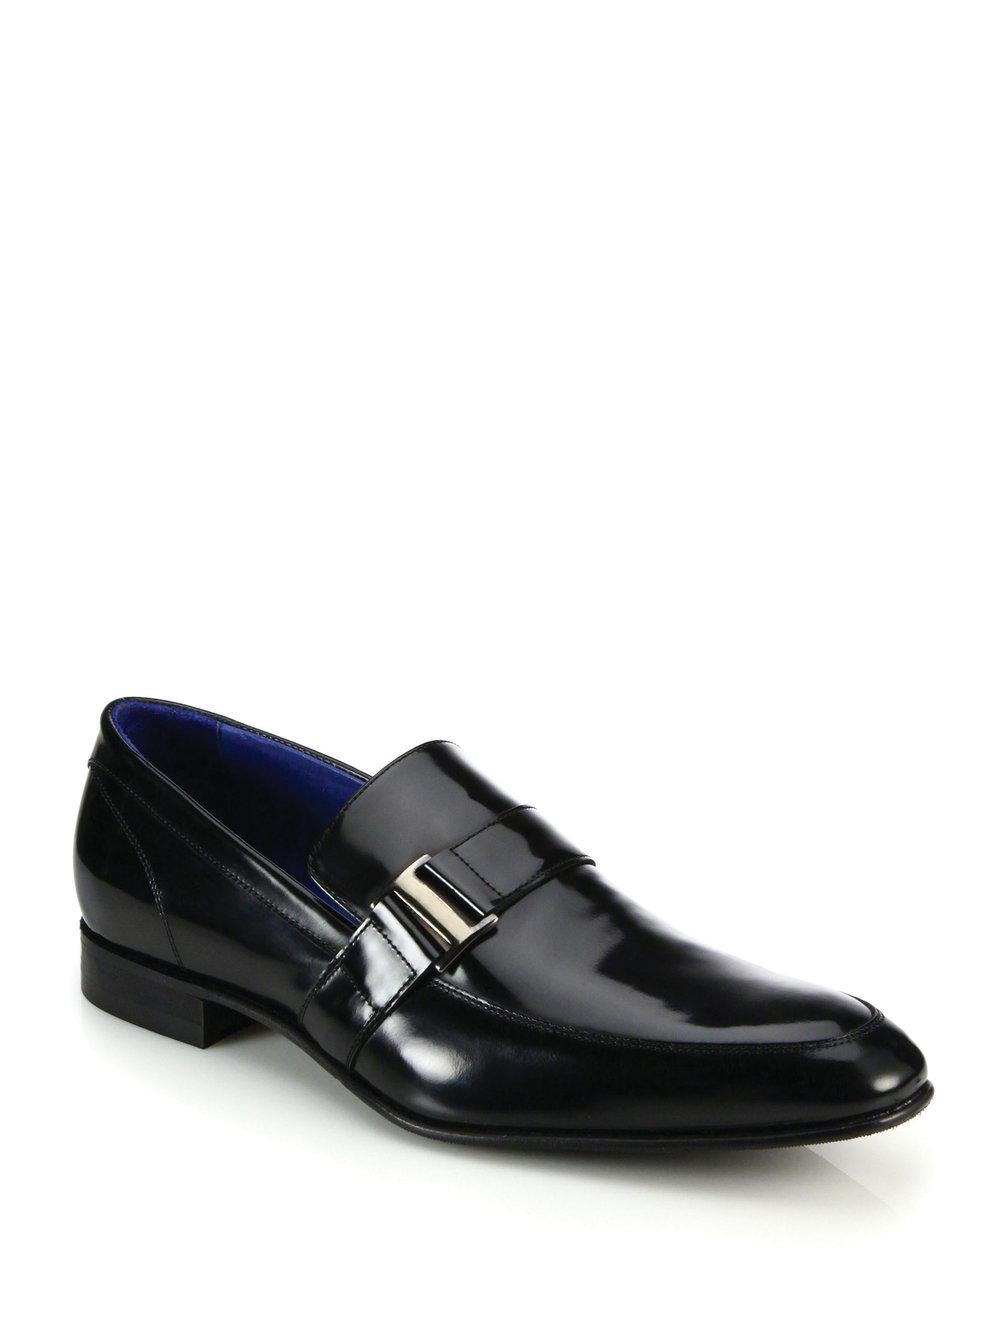 10.Saks Fifth Avenue Collection 鞋 $325,  saksfifthavenue.com